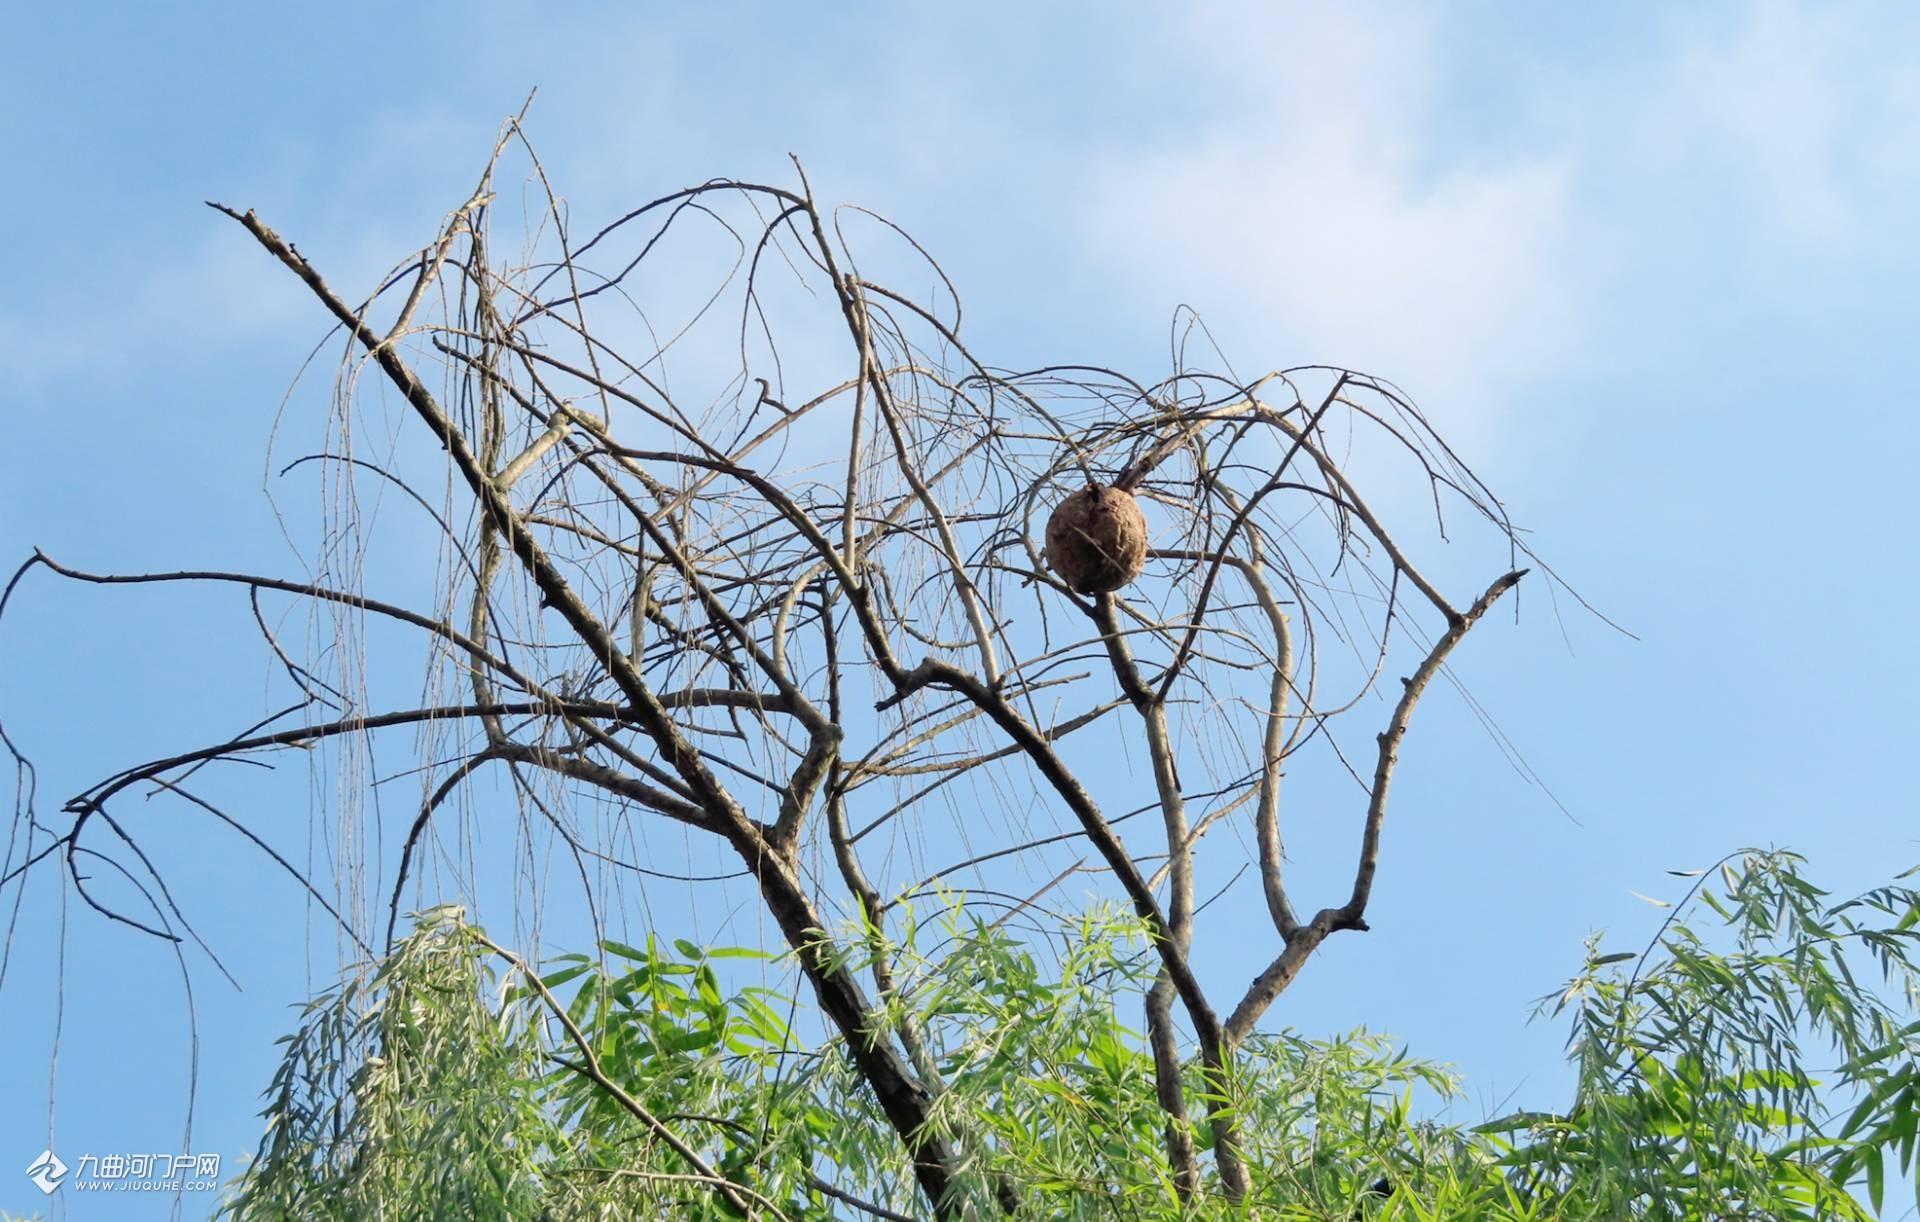 最壮观的马蜂窝!好像倒垂的一只大莲蓬,无数黄色的马蜂在爬进爬出...